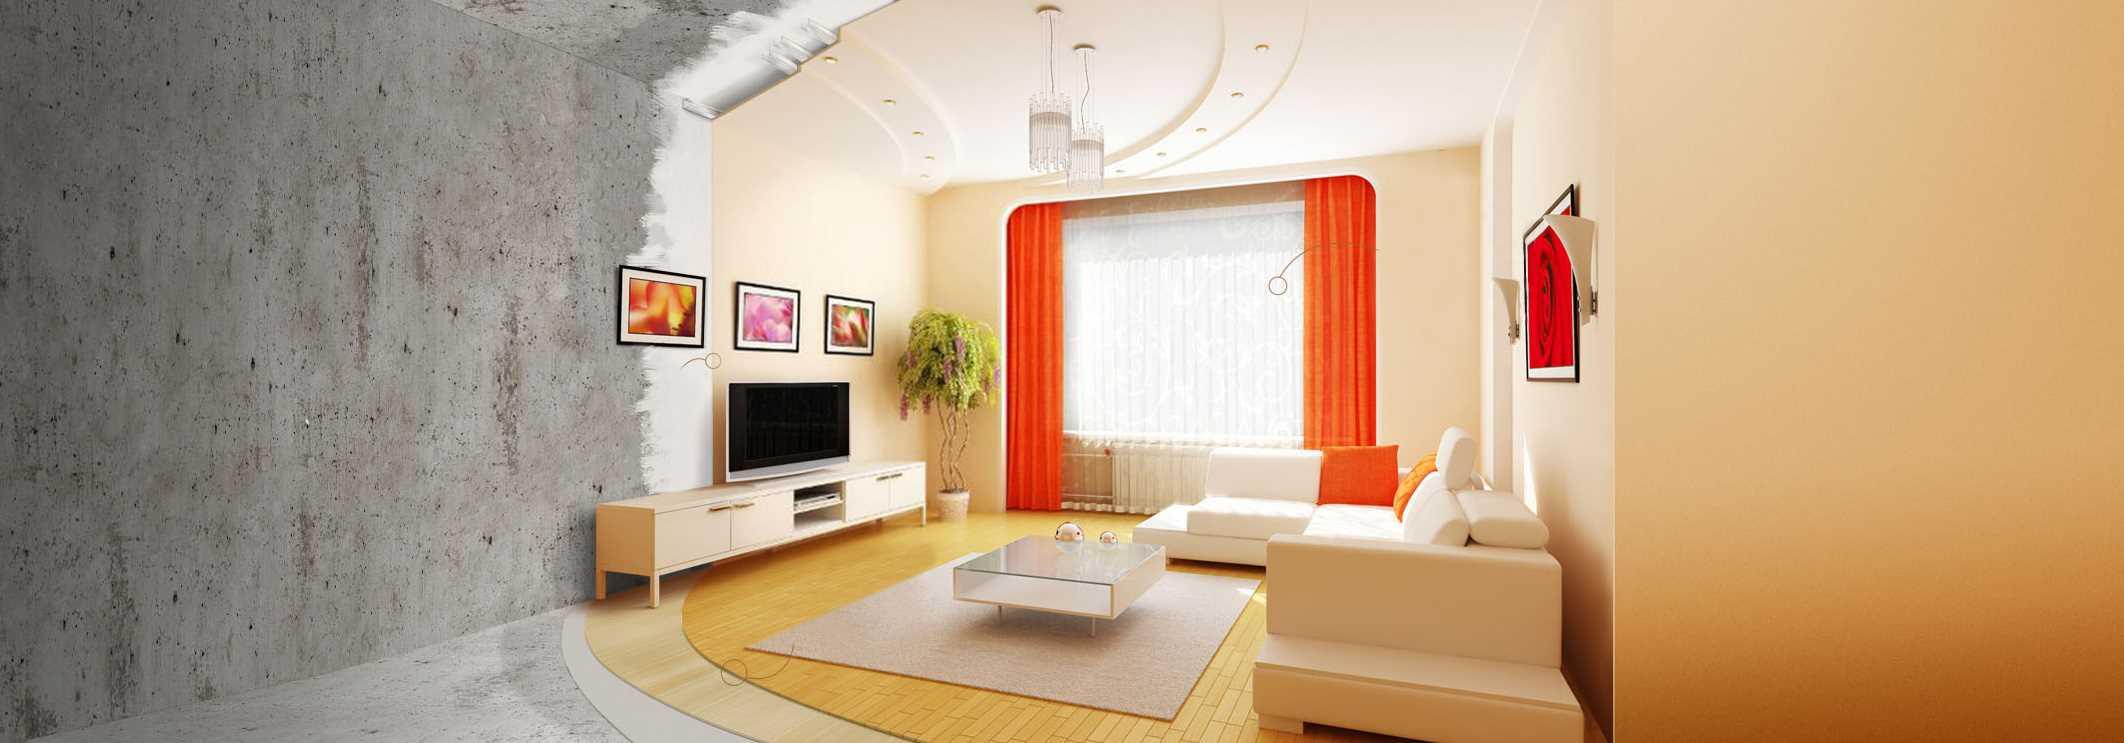 ремонт гостиной посредством экономии пошагово